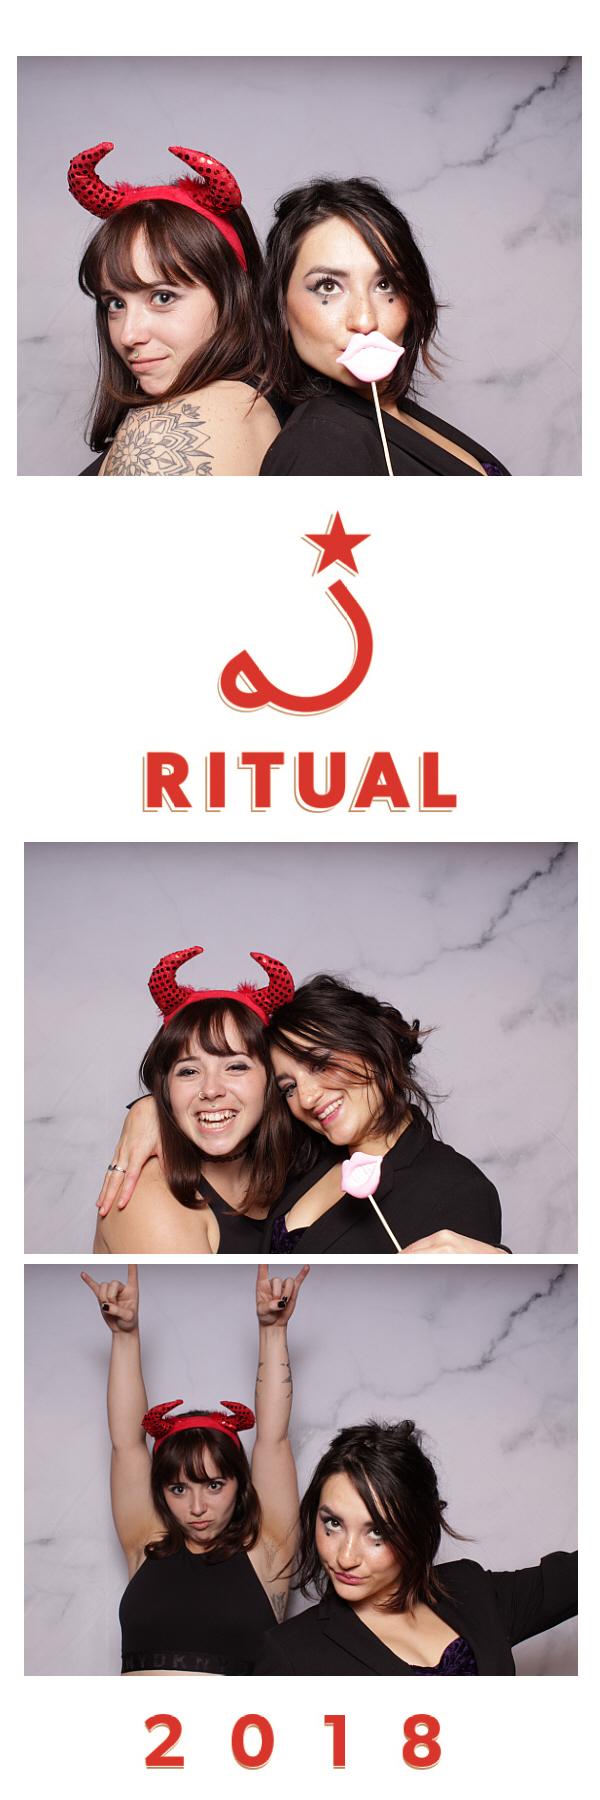 ritual_prints_27.jpg